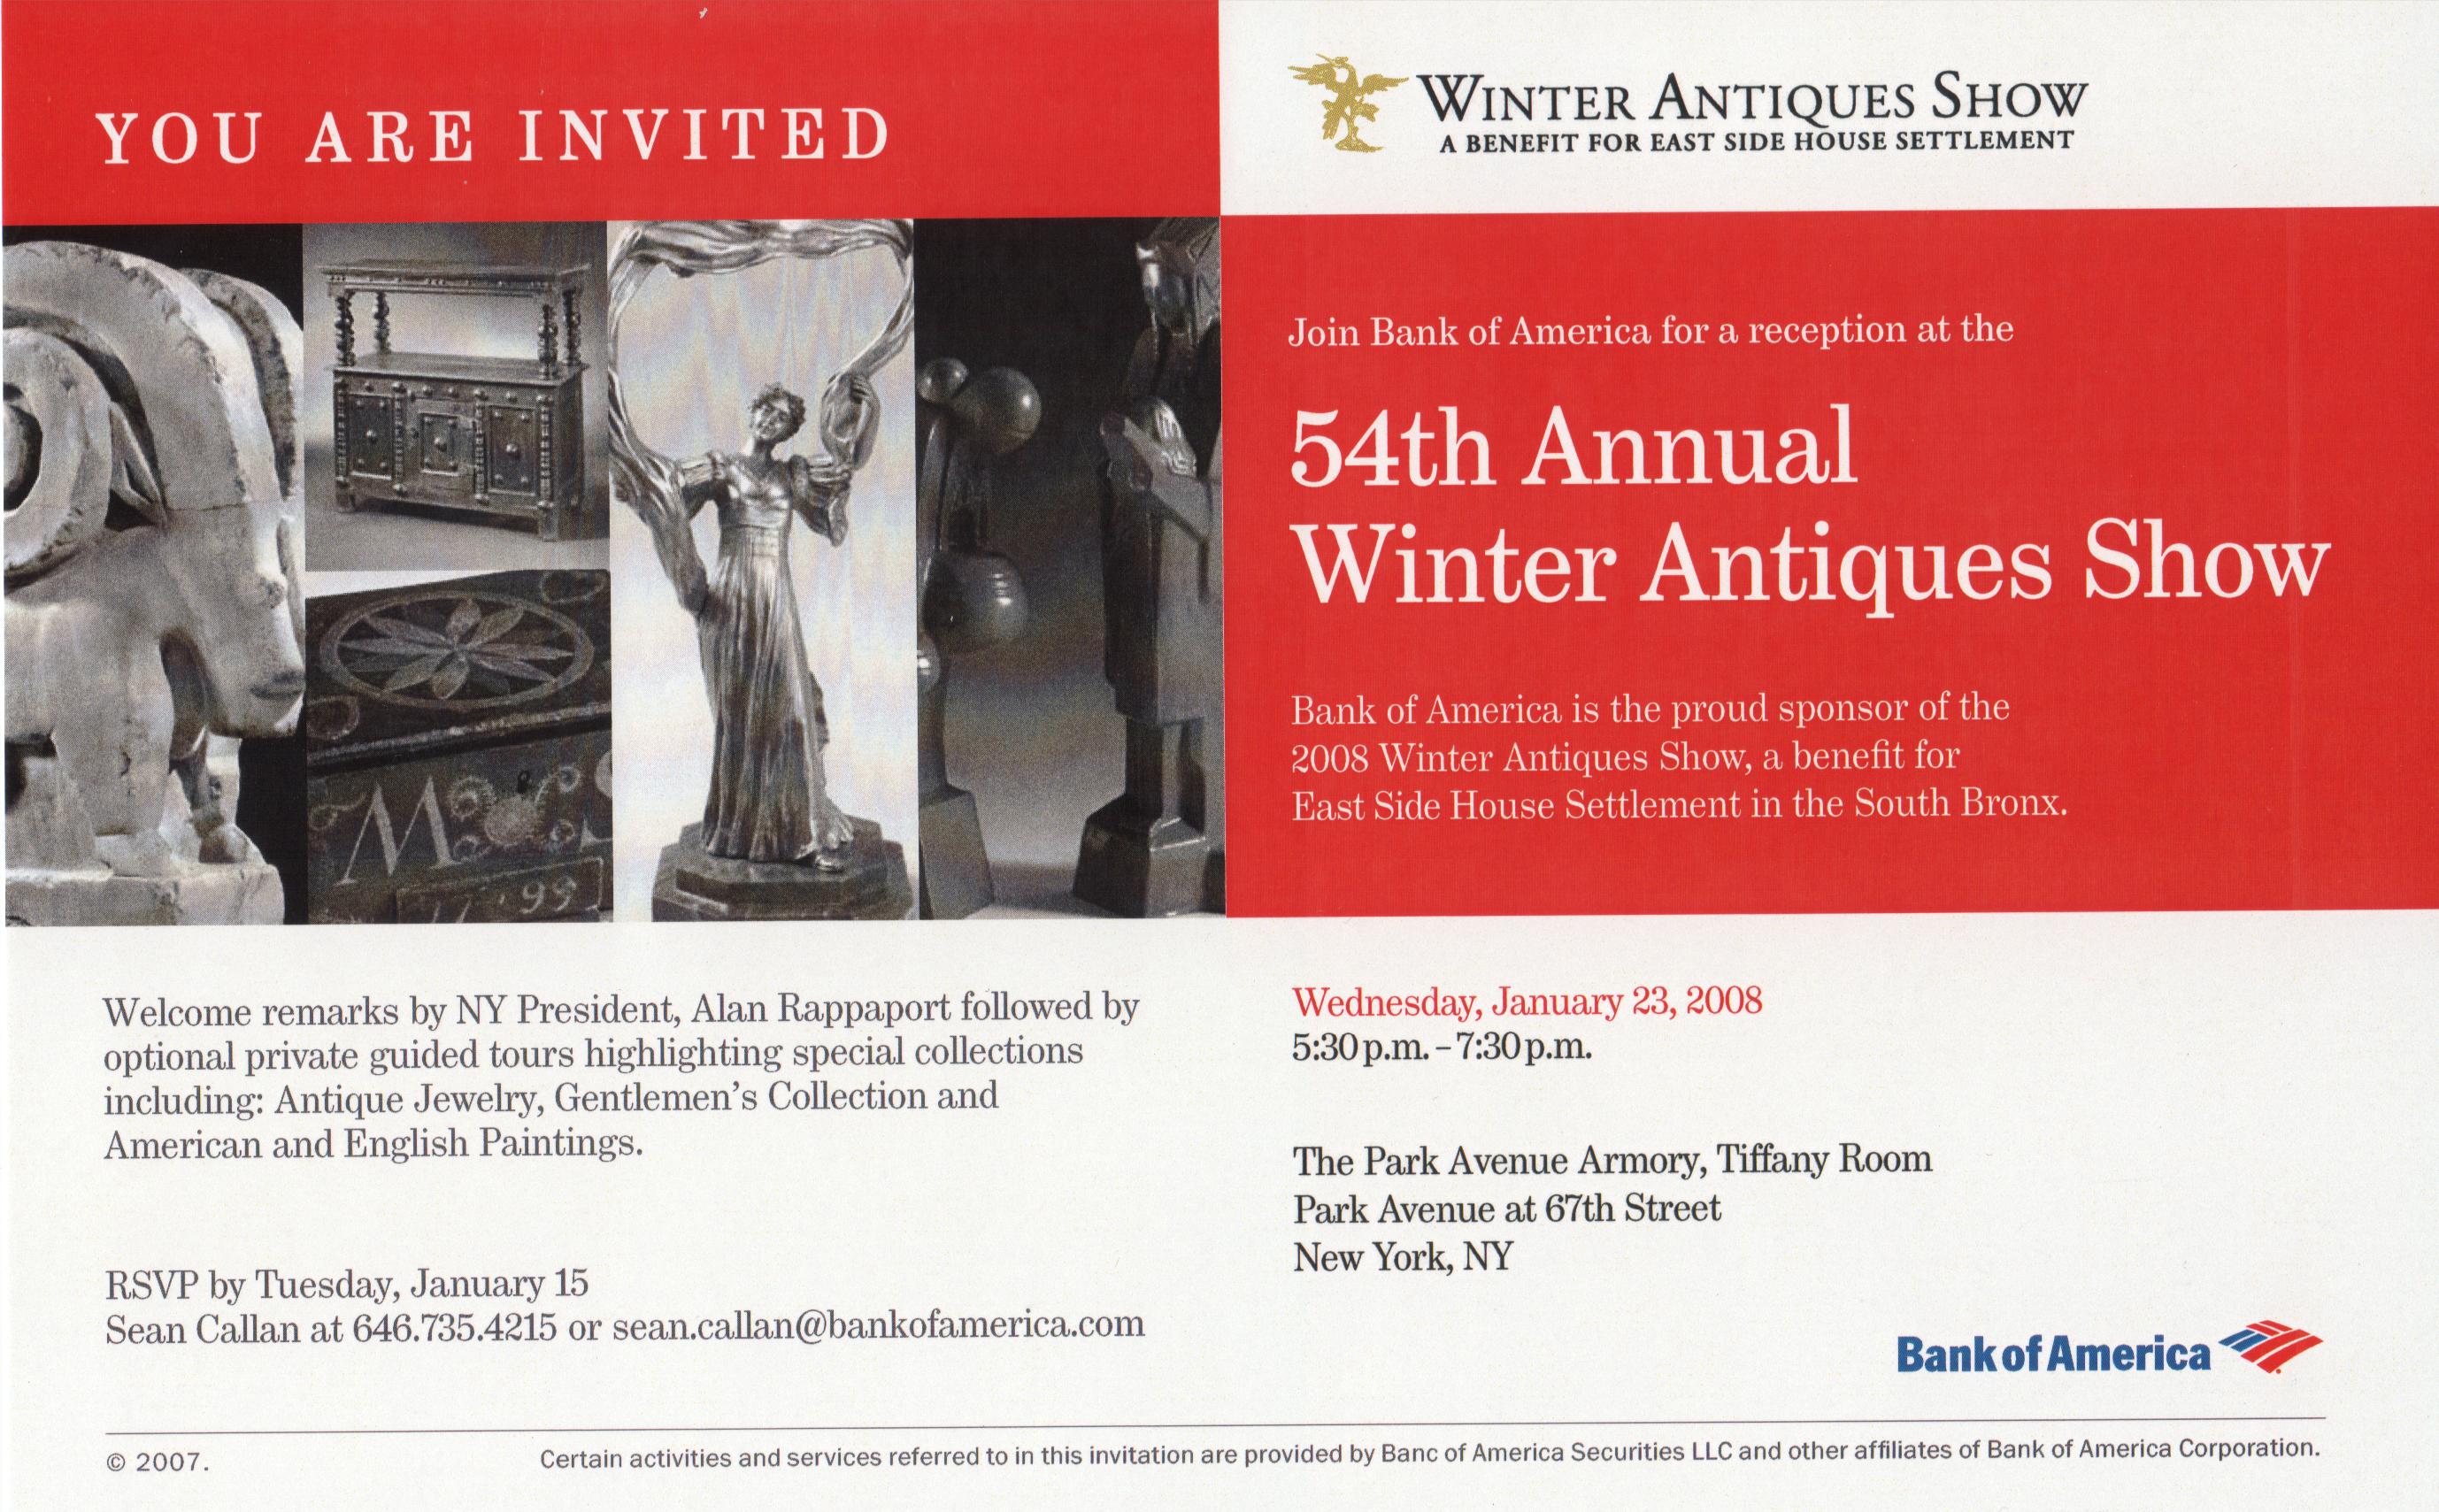 BankofAmerica_invite-E1